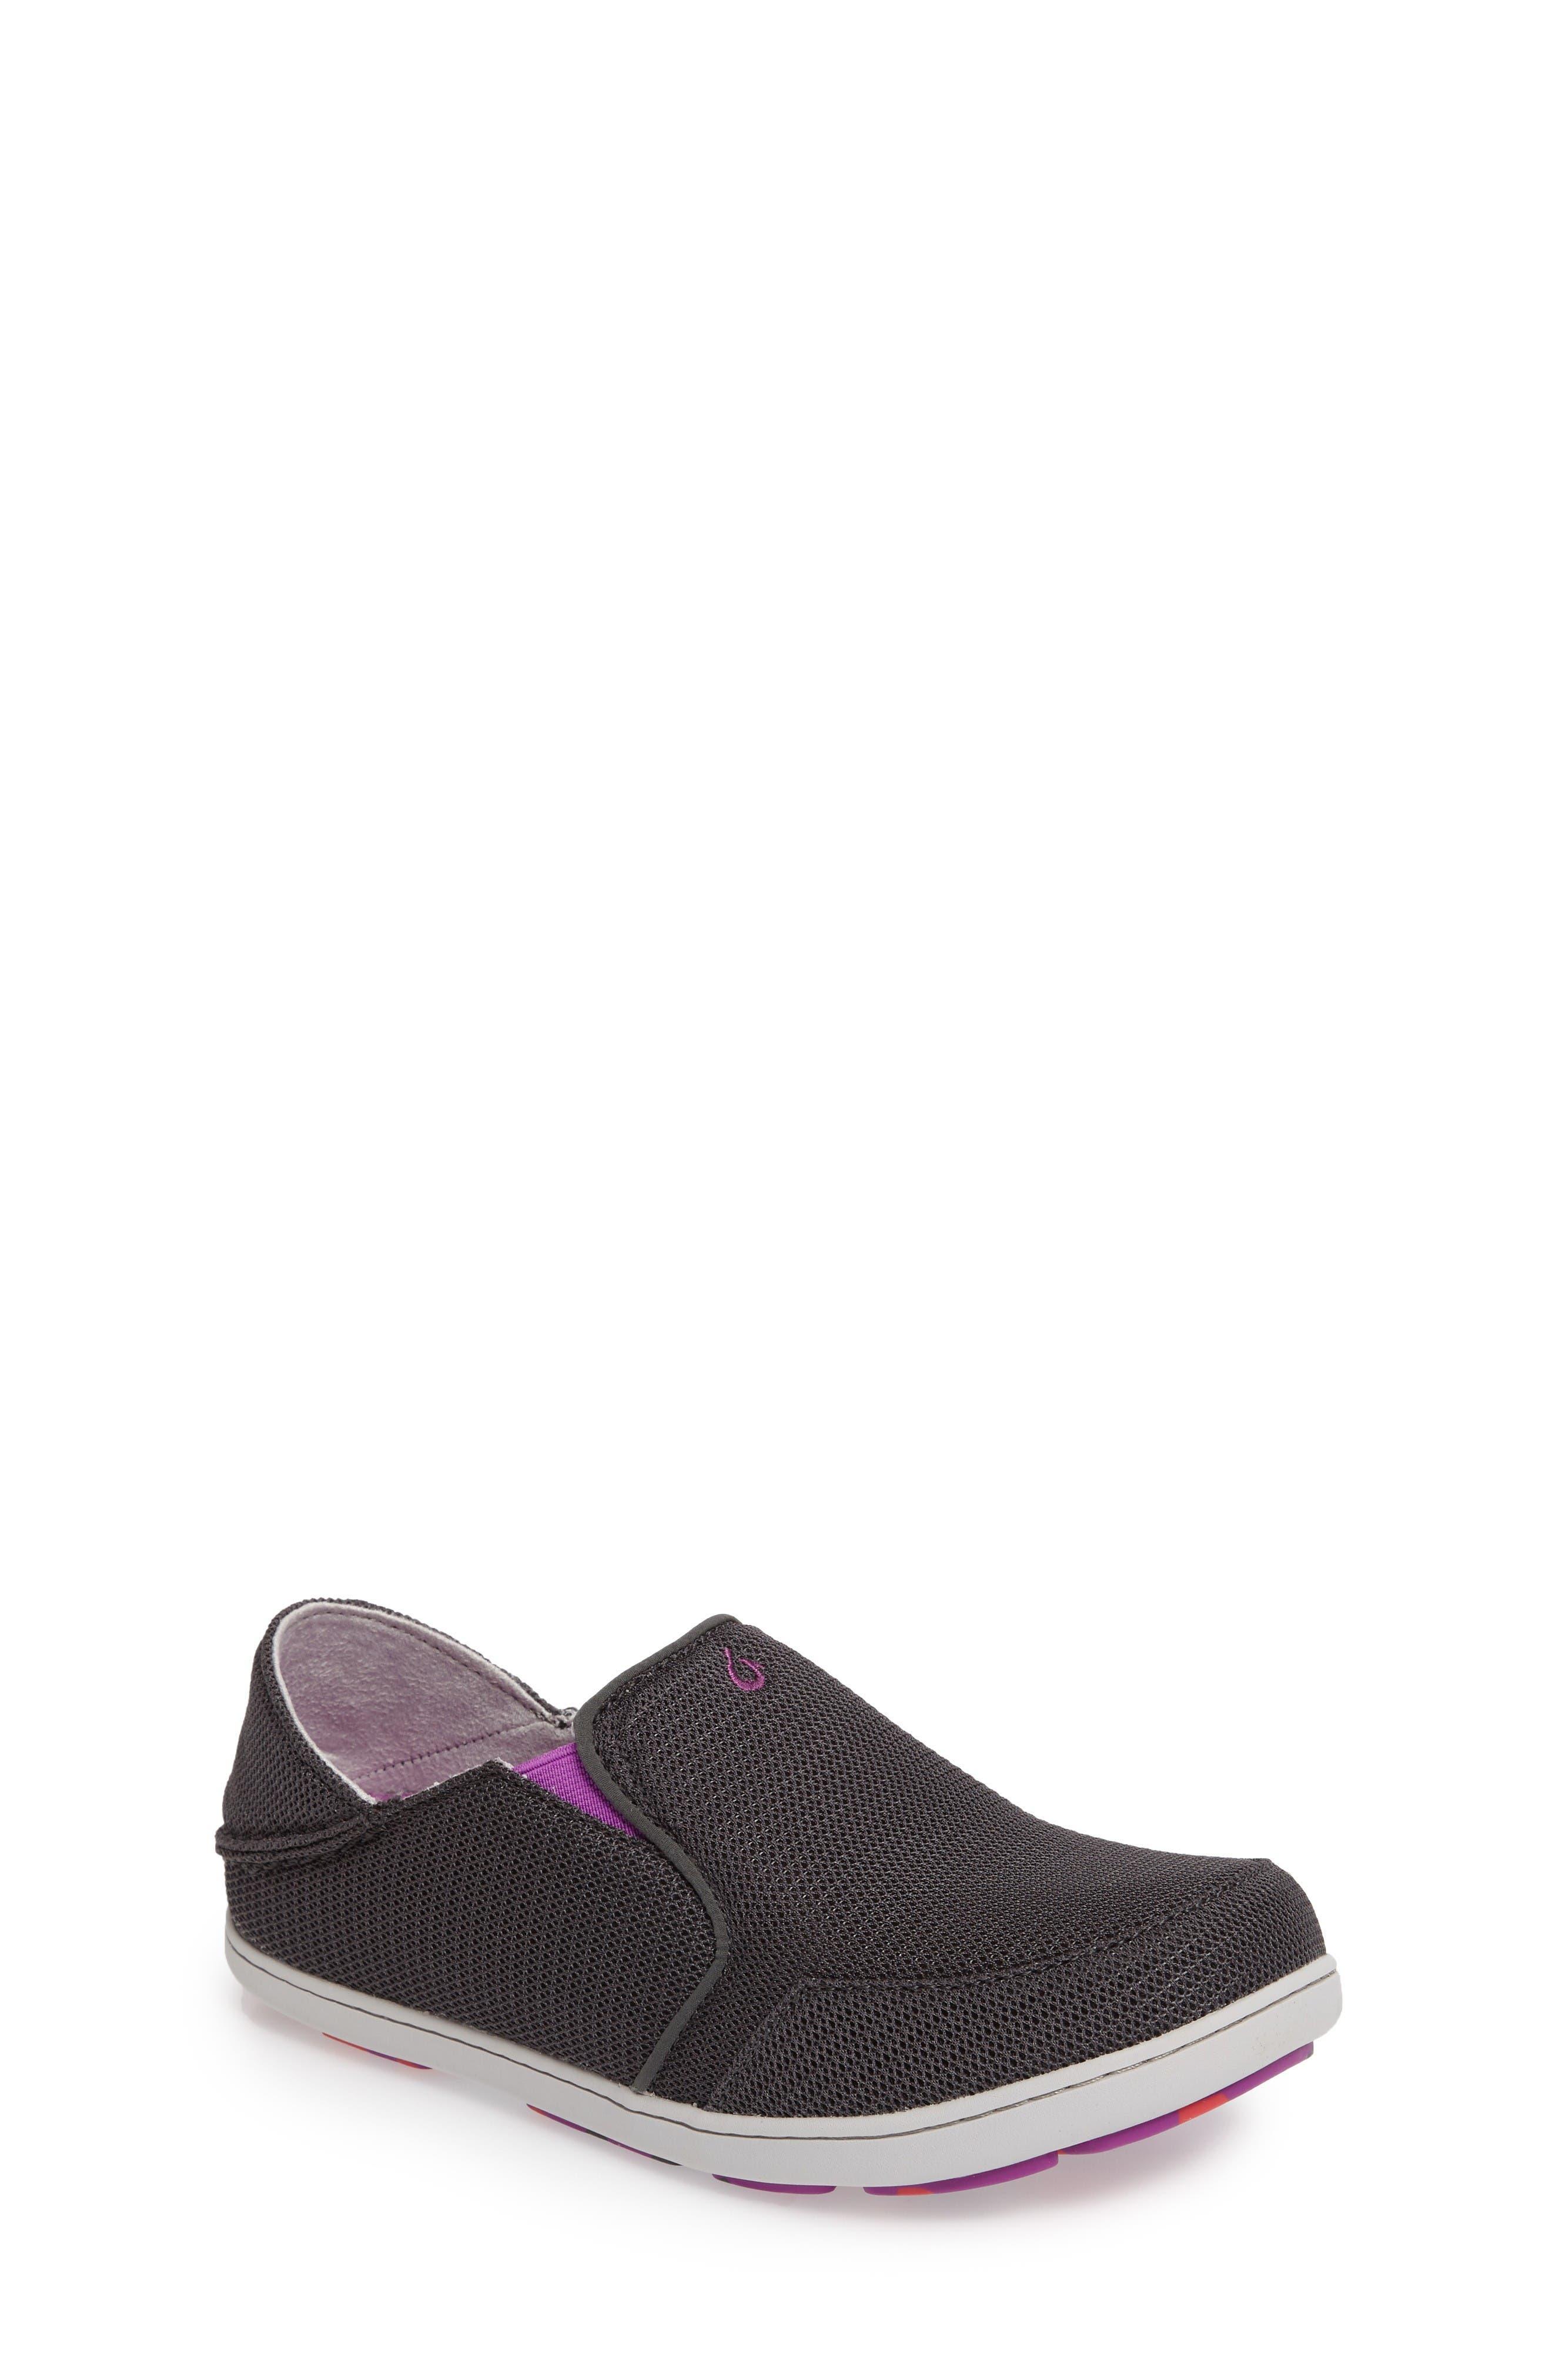 OLUKAI 'Nohea' Mesh Shoe